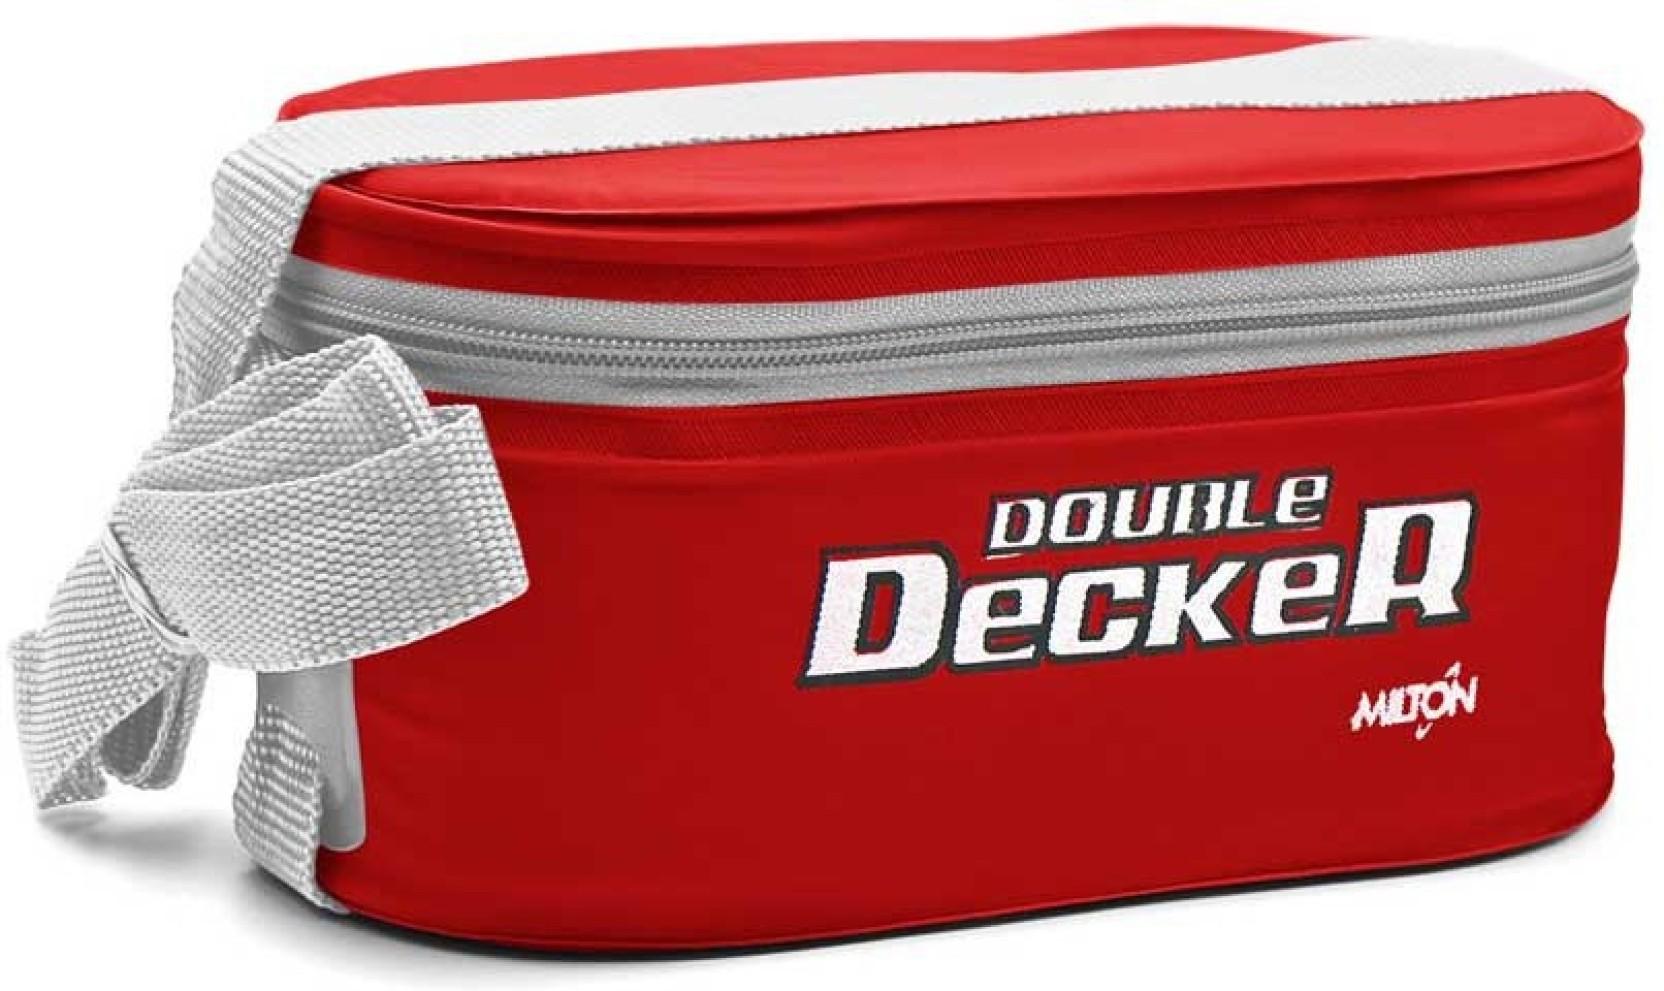 Flipkart Com Milton Double Decker 3 Containers Lunch Box